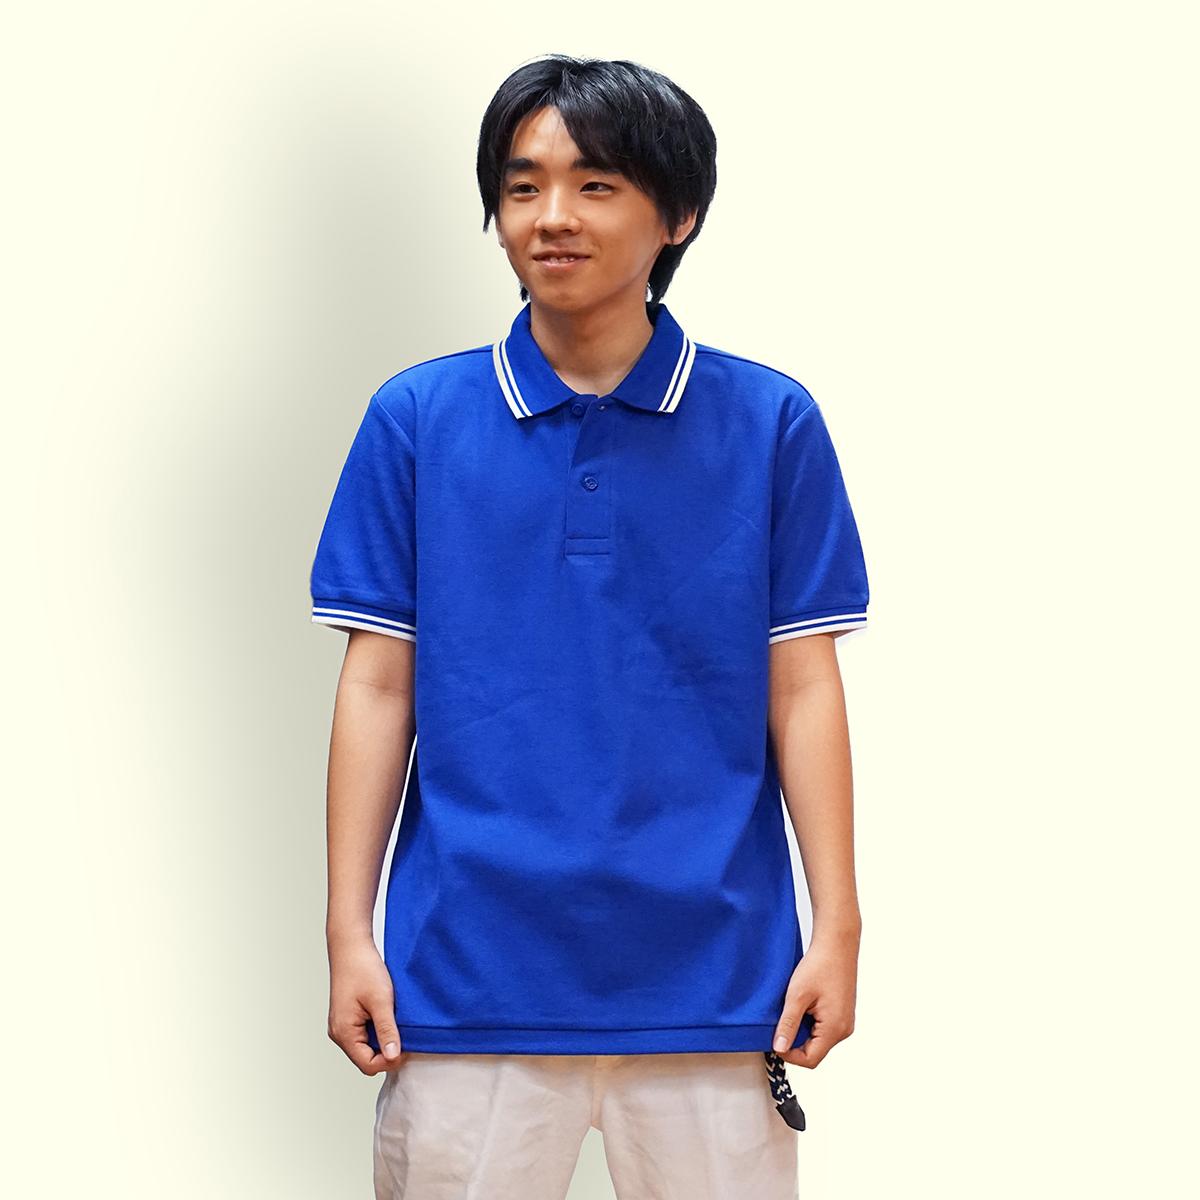 男性Mサイズ着用イメージ ロイヤルブルー